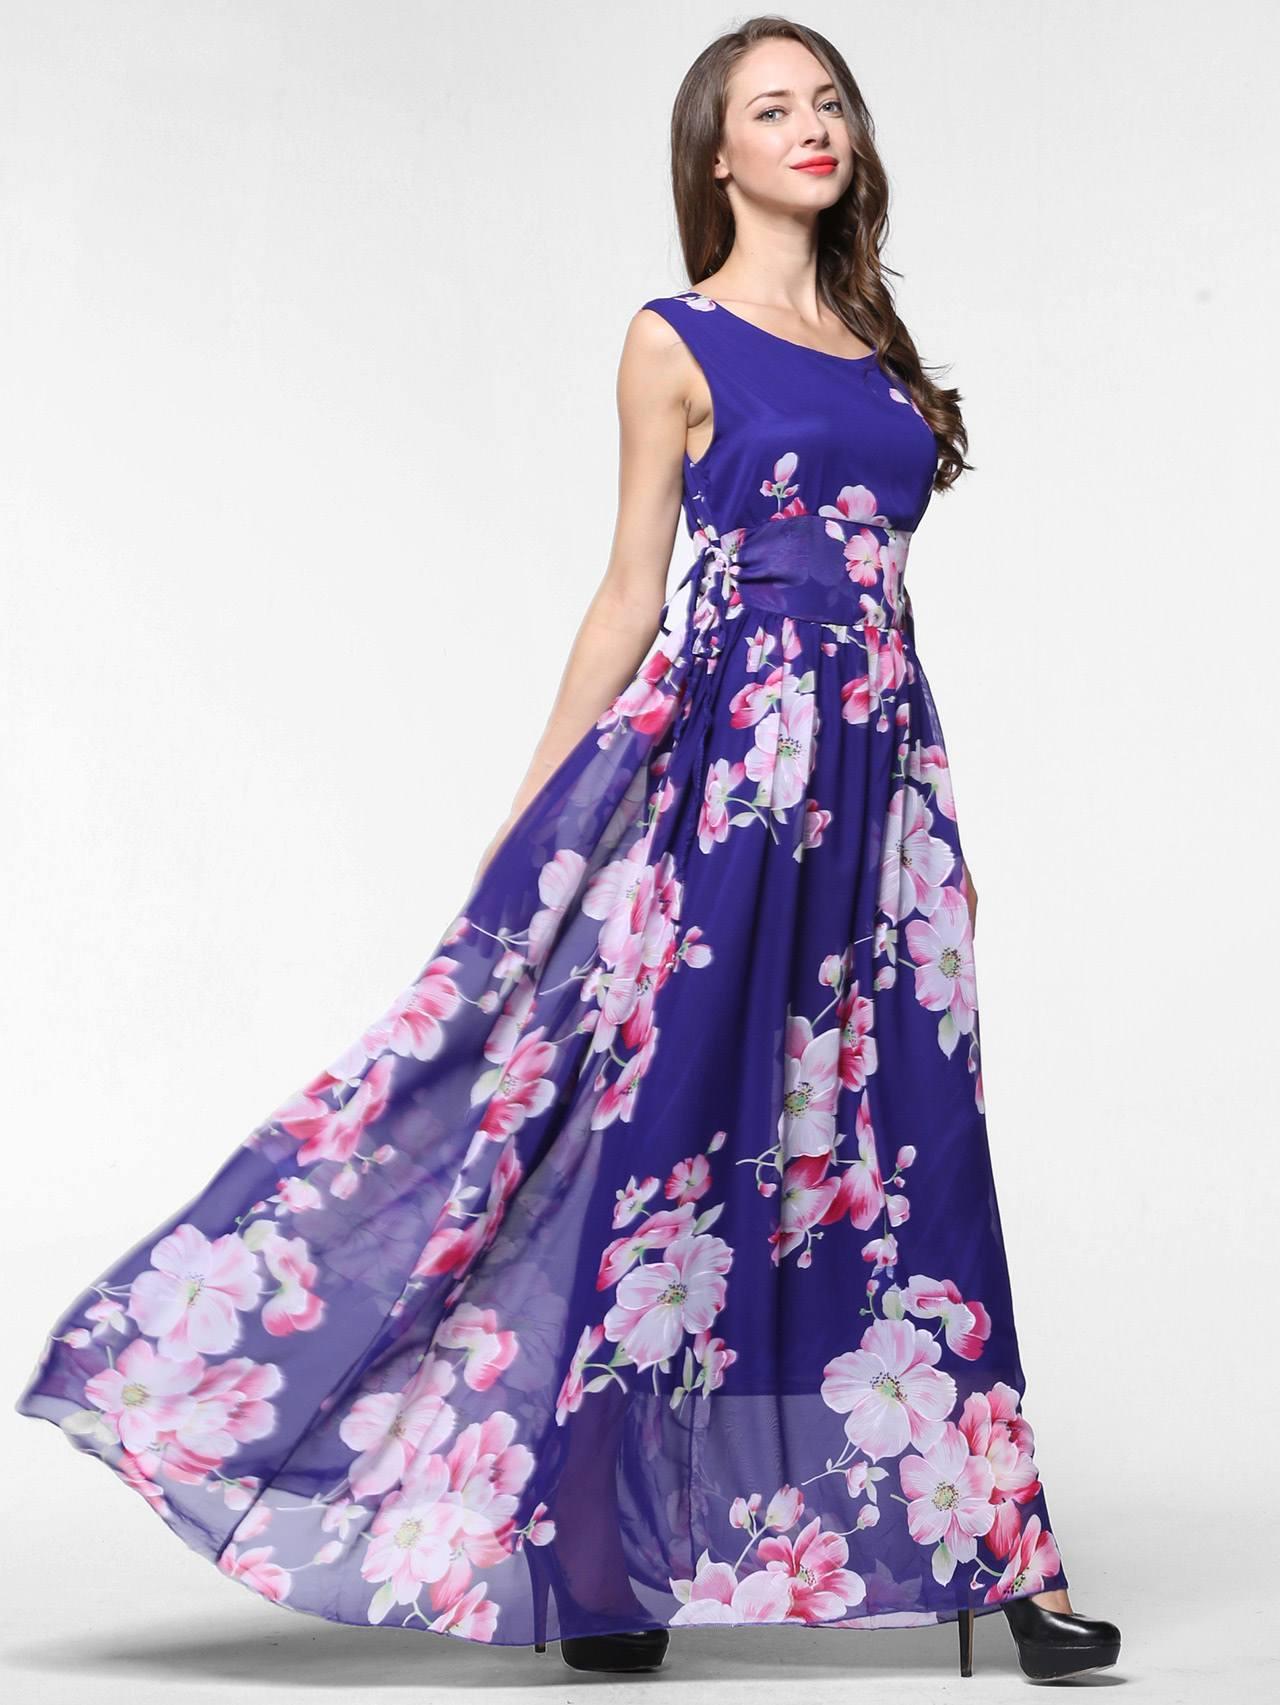 c8e0afd895d Фасон платья может быть абсолютно любым